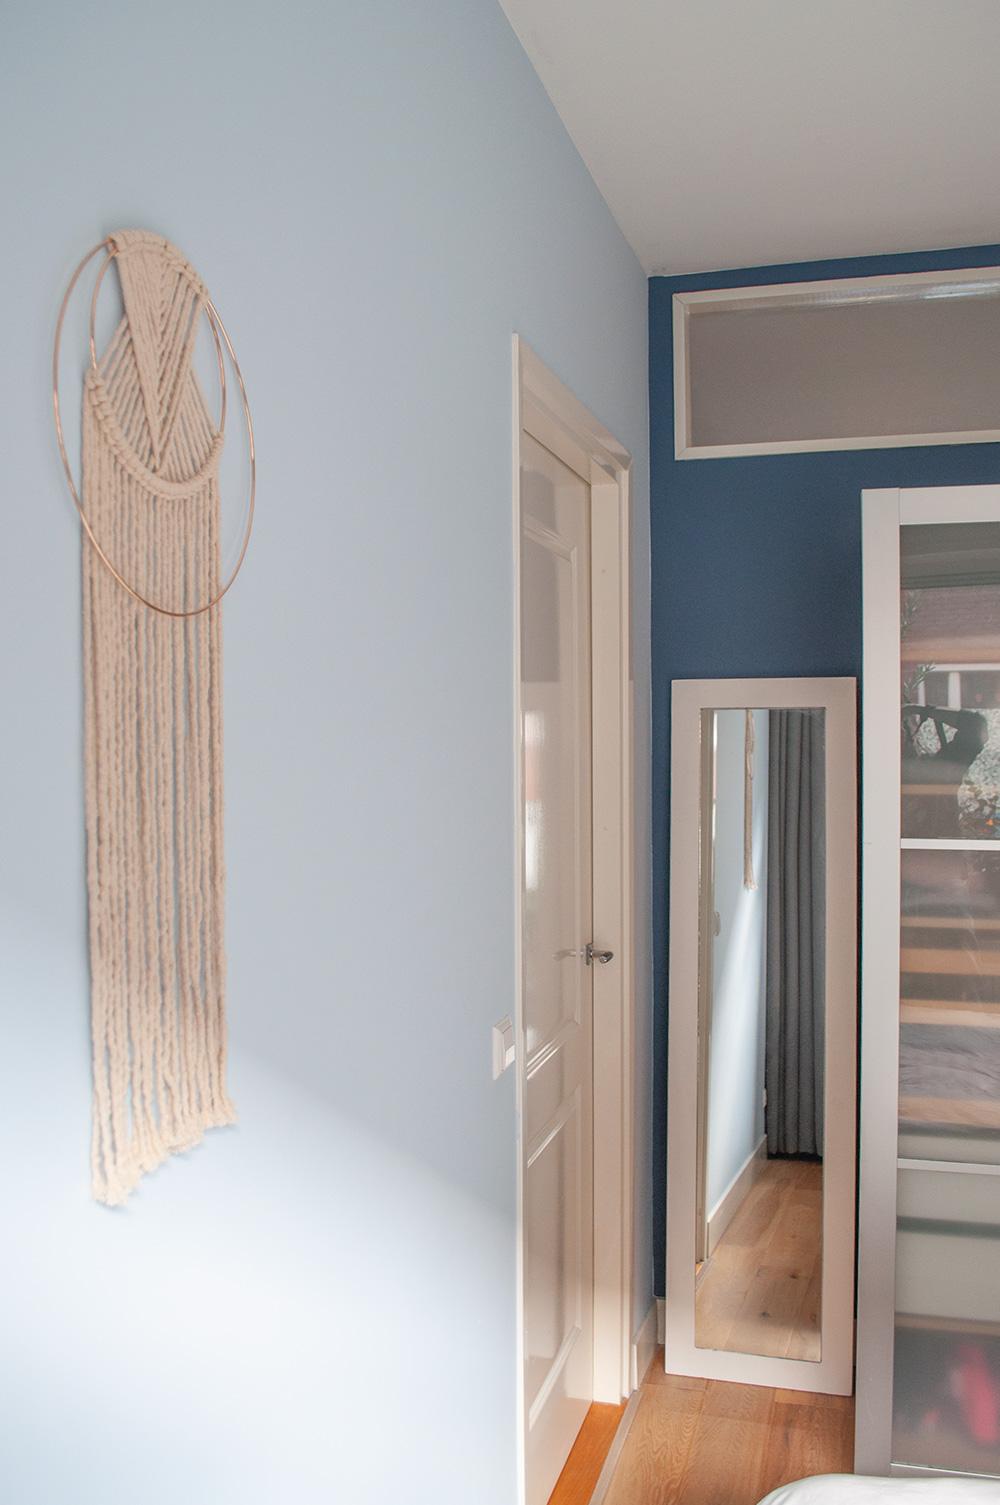 slaapkamer opfrisser spiegel naLR